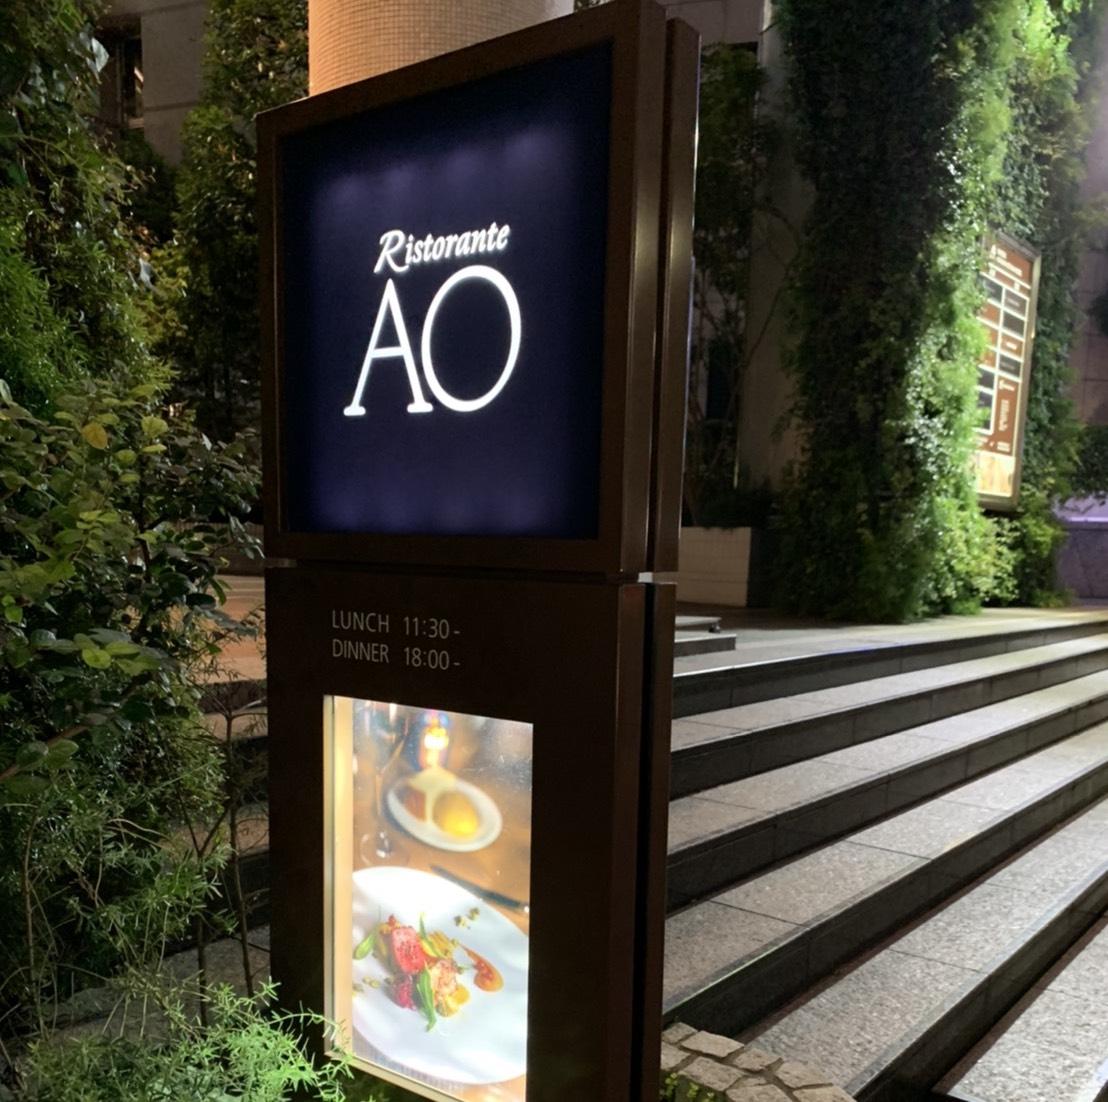 【体験記事】大人の隠れ家レストラン・リストランテAO 青山をご紹介!